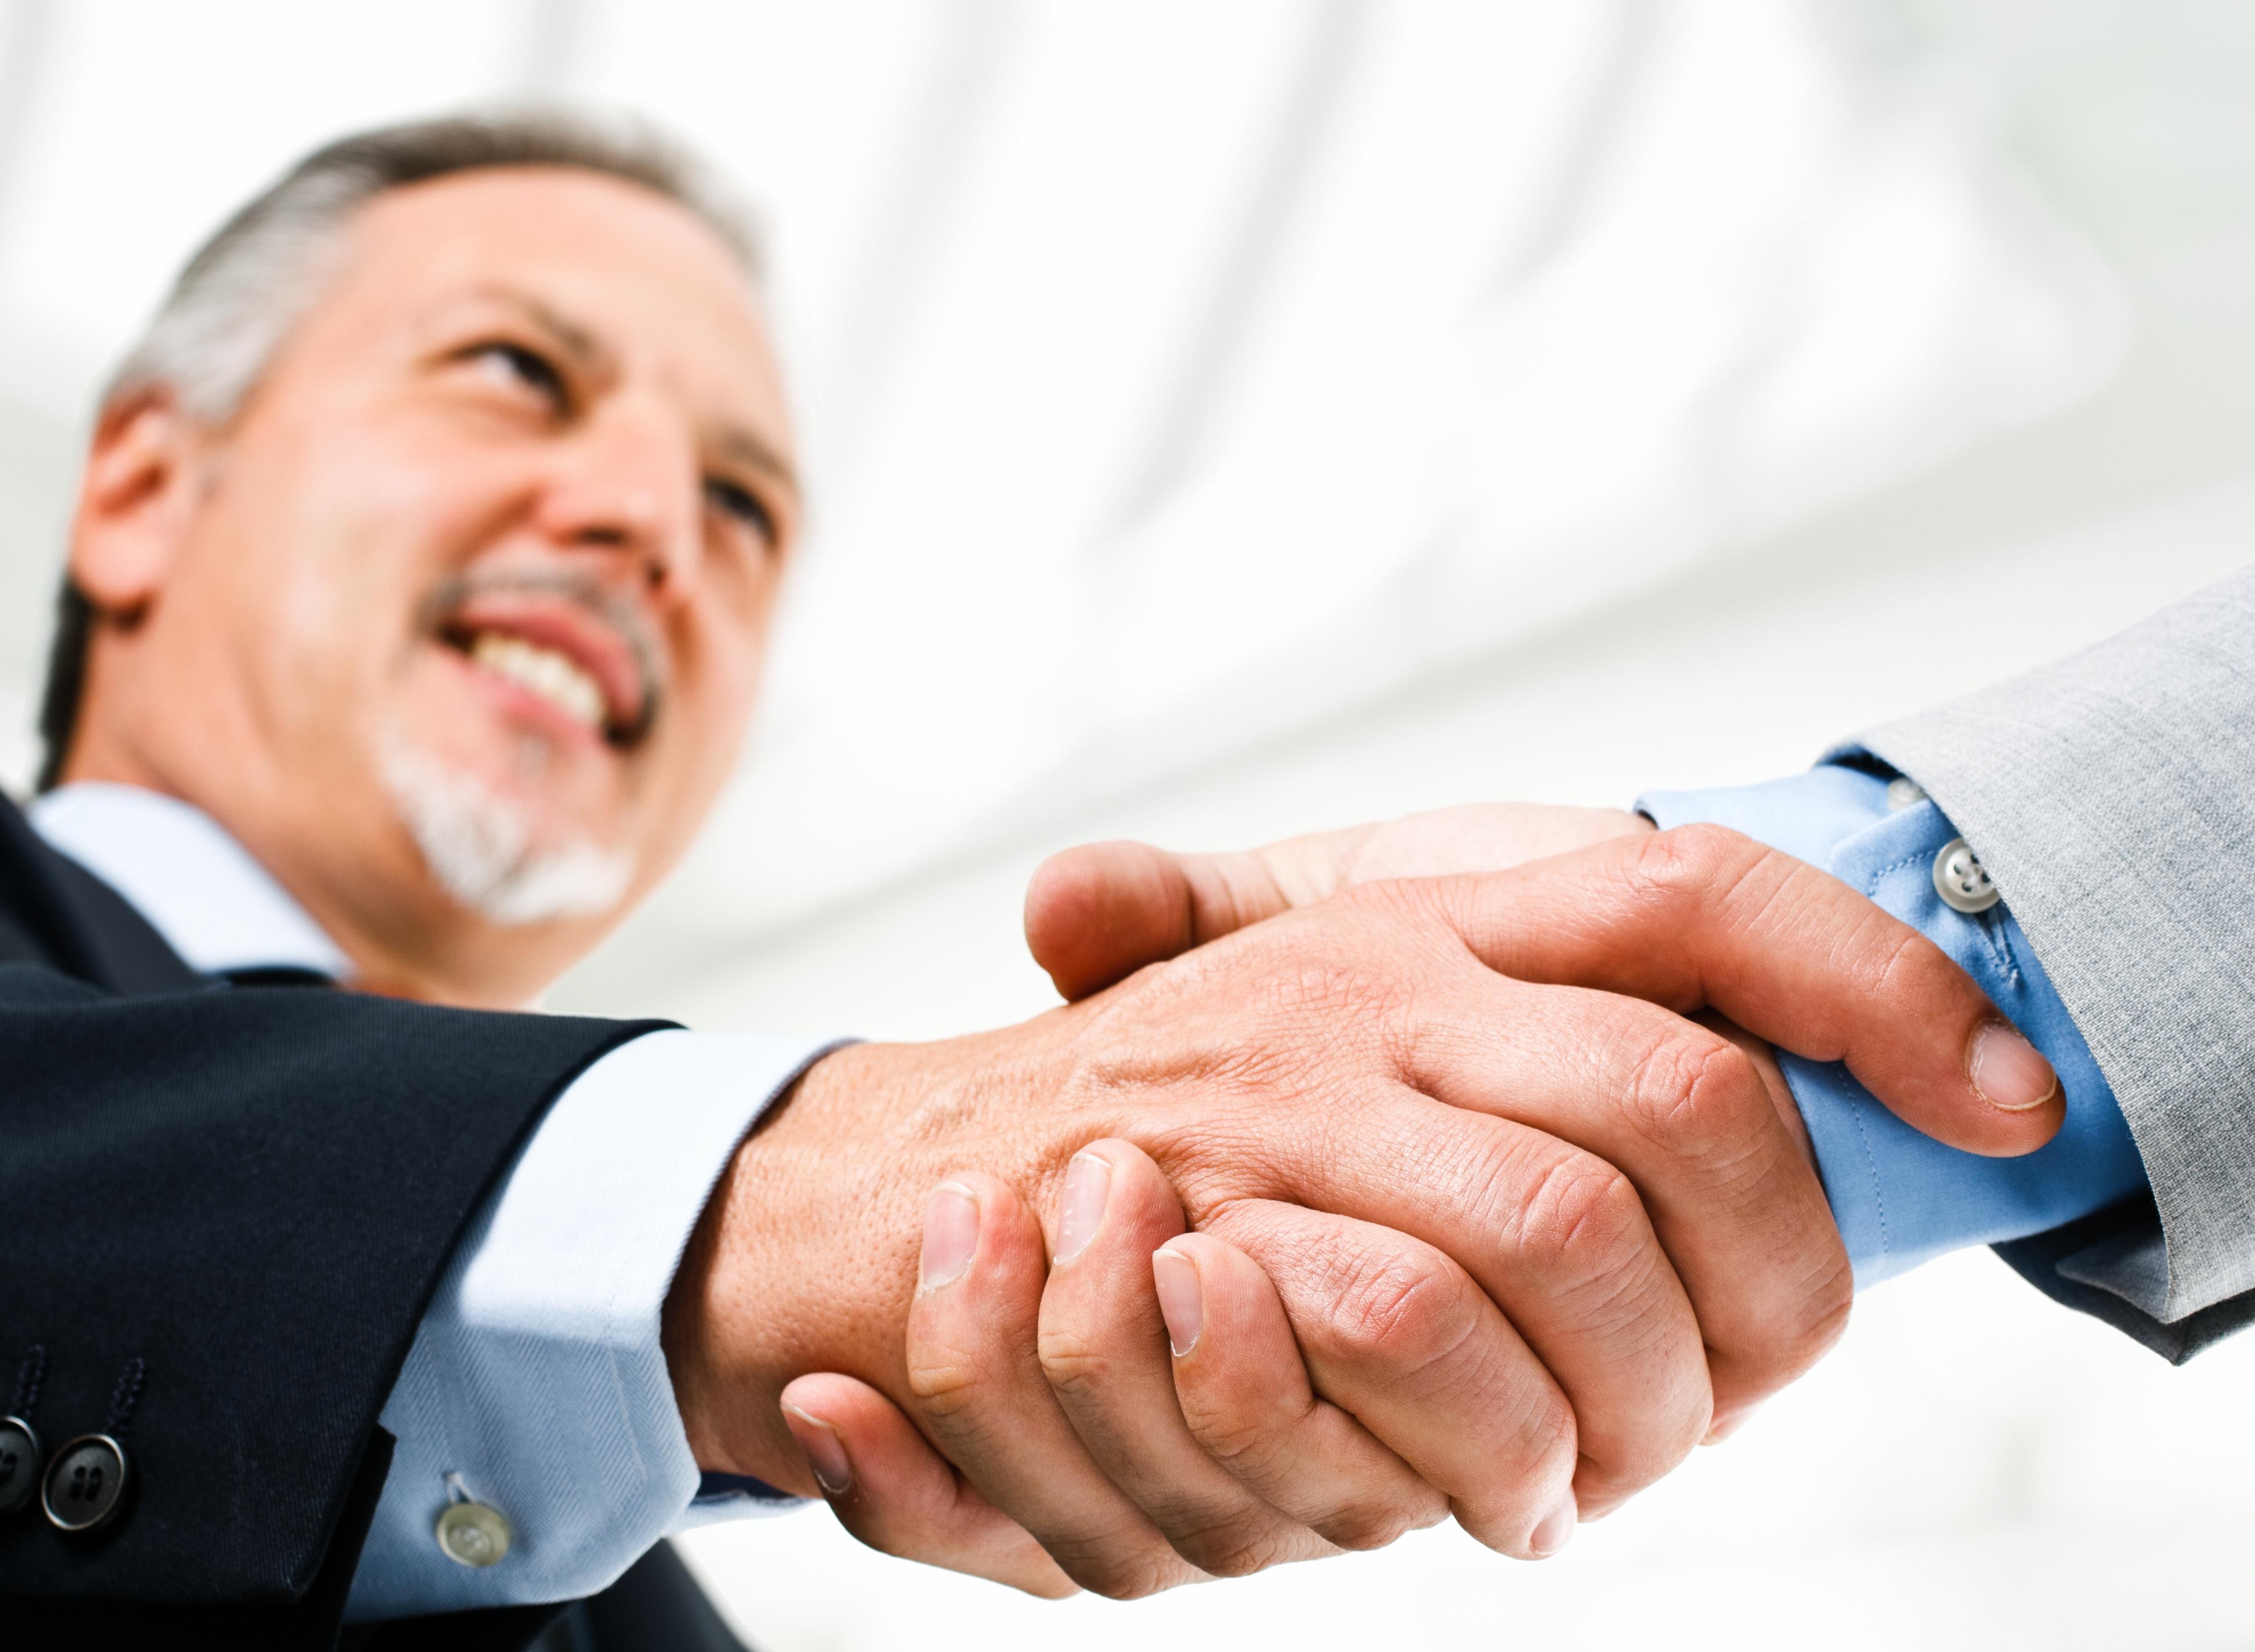 Geschäftsoptimierung: Unternehmensberatung der anderen Art:  Image, Werbung, PR, Kommunikation, Marketing, Vertrieb, Busness Coaching, Strategien, Checks, Analysen, Qualität, Kundengewinnung, Wirtschaftspsychologie